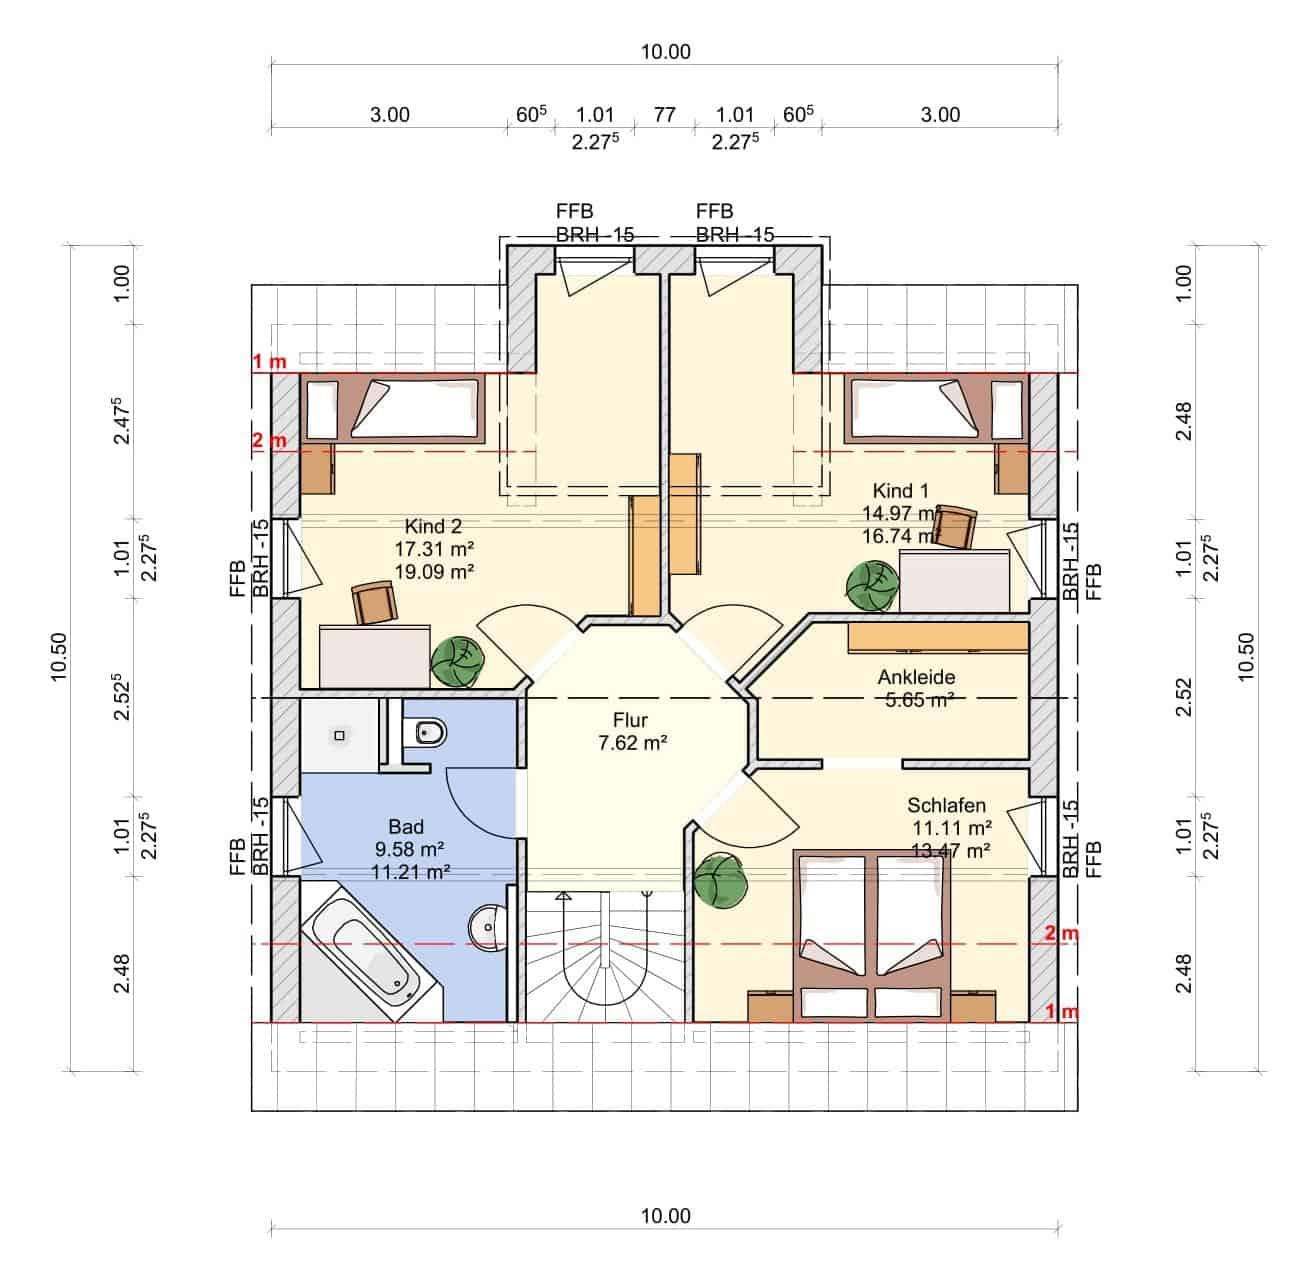 Haus Regenbogen Grundriss Dachgeschoss-1